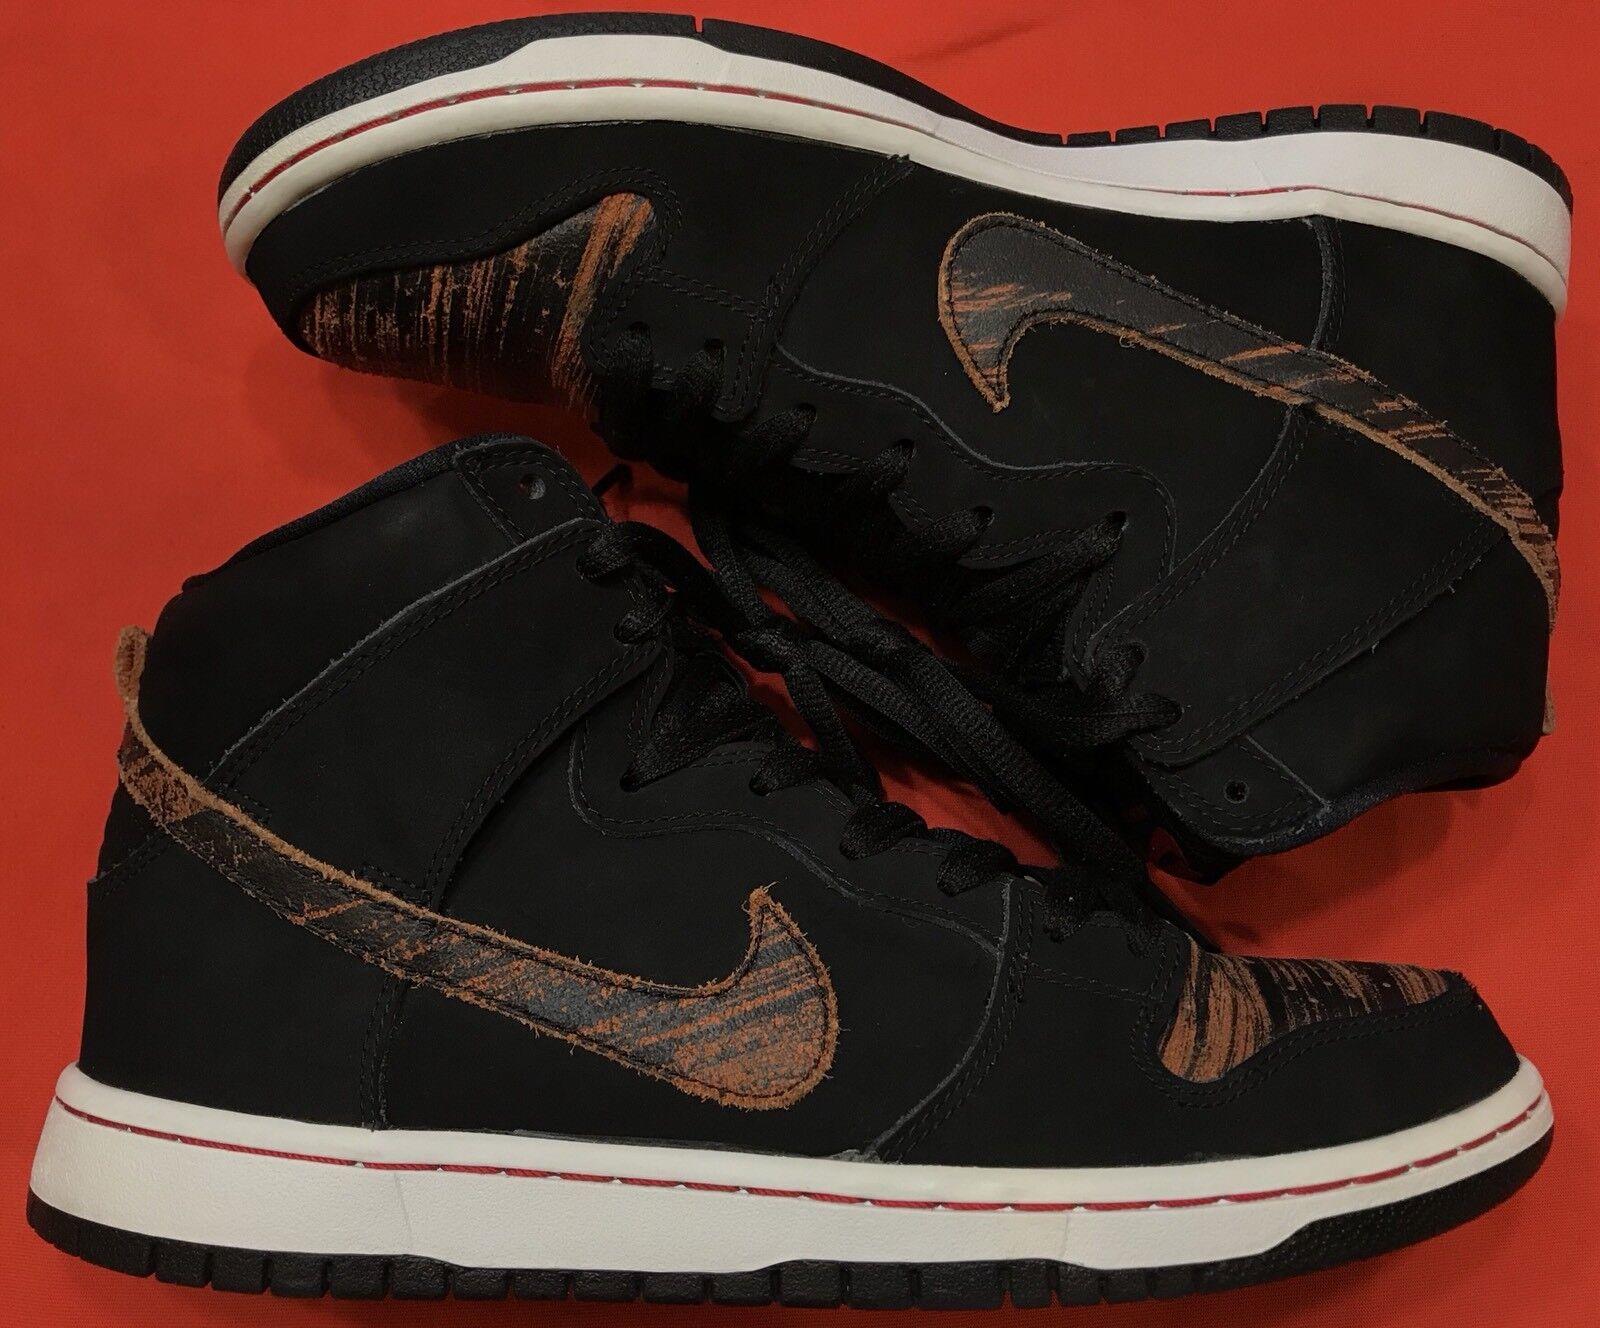 Nike canestro alto (sb angosciata di pelle nero university red 305050-026 sz - 9